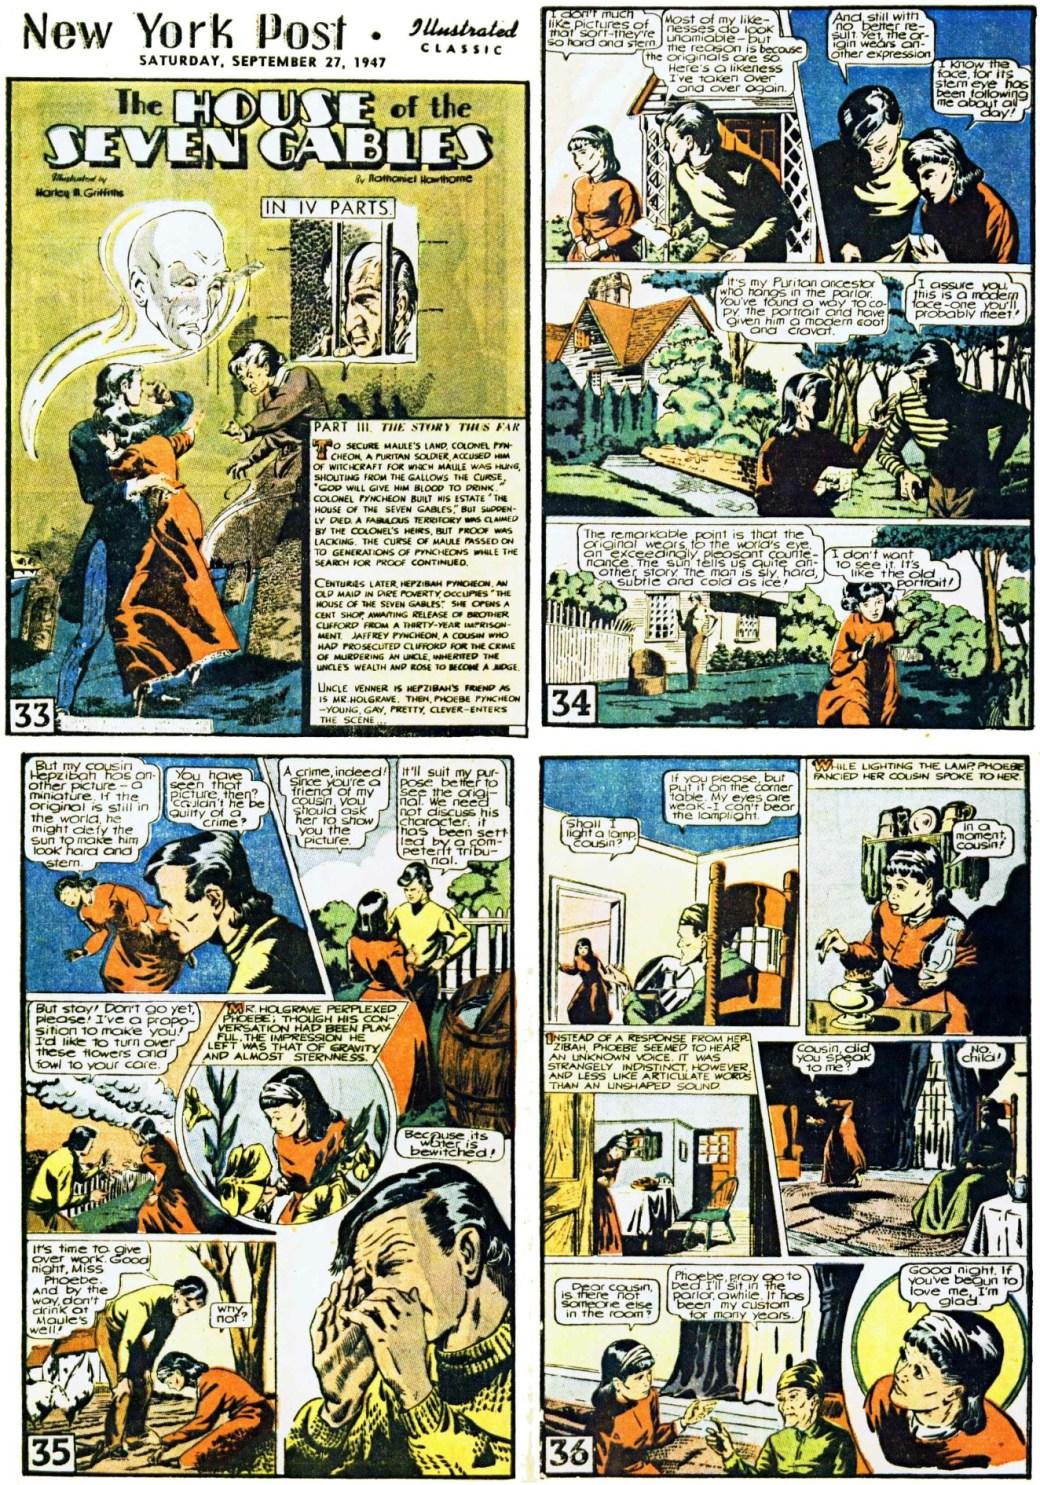 De inledande fyra sidorna ur den tredje bilagan med The House of the Steven Gables. Sidan 35 var en av de sidor som sedan ströks vid tryckningen av serietidningen. ©Gilberton